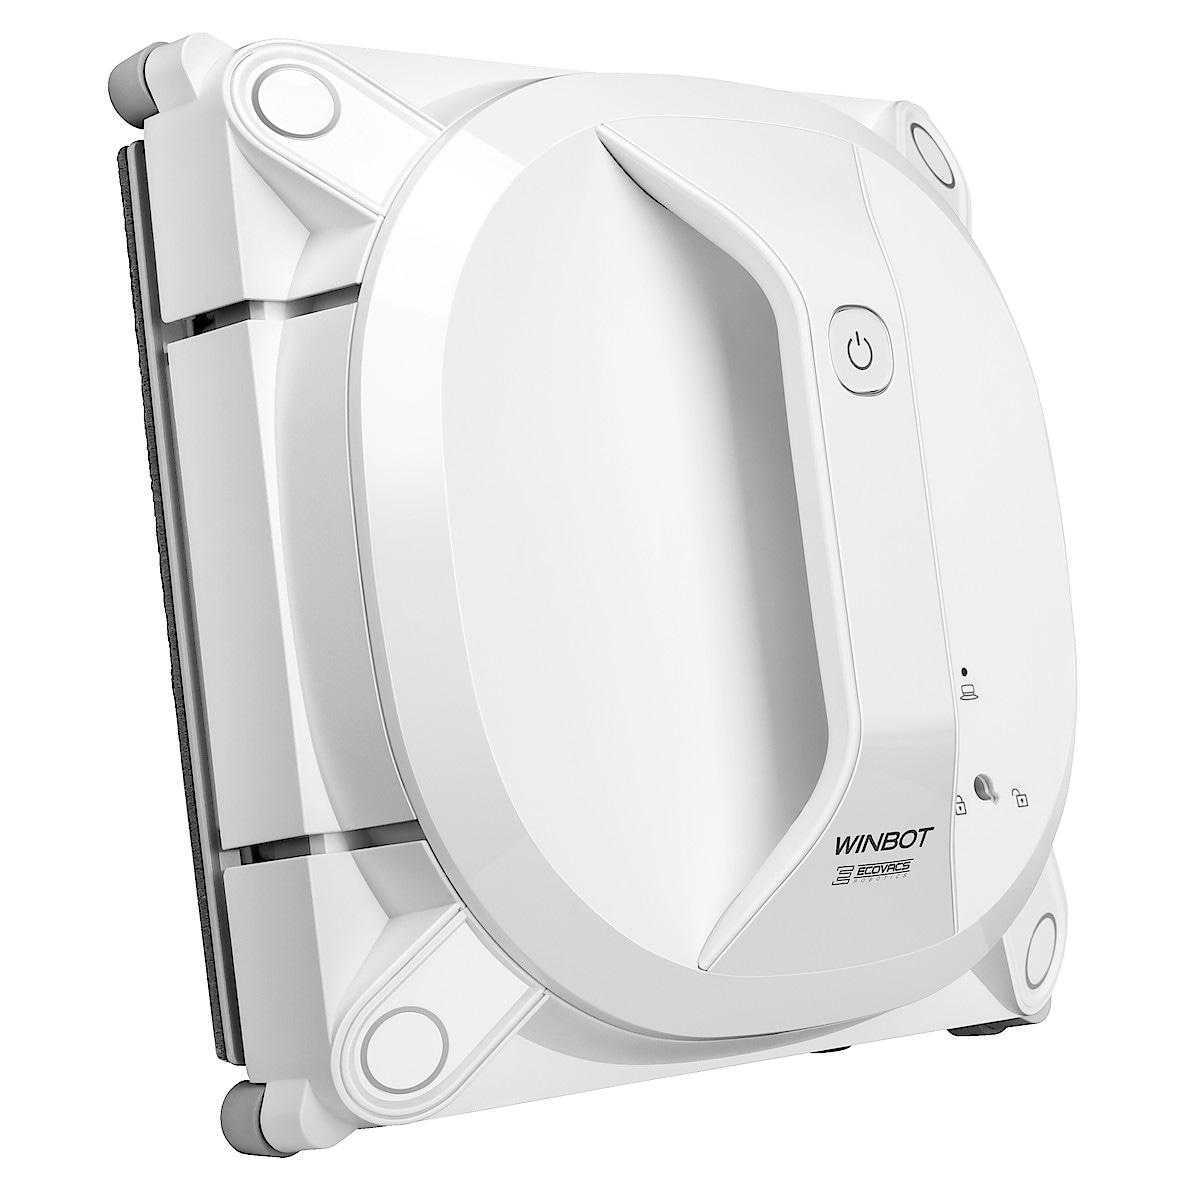 Fönstertvätt Ecovacs Winbot X